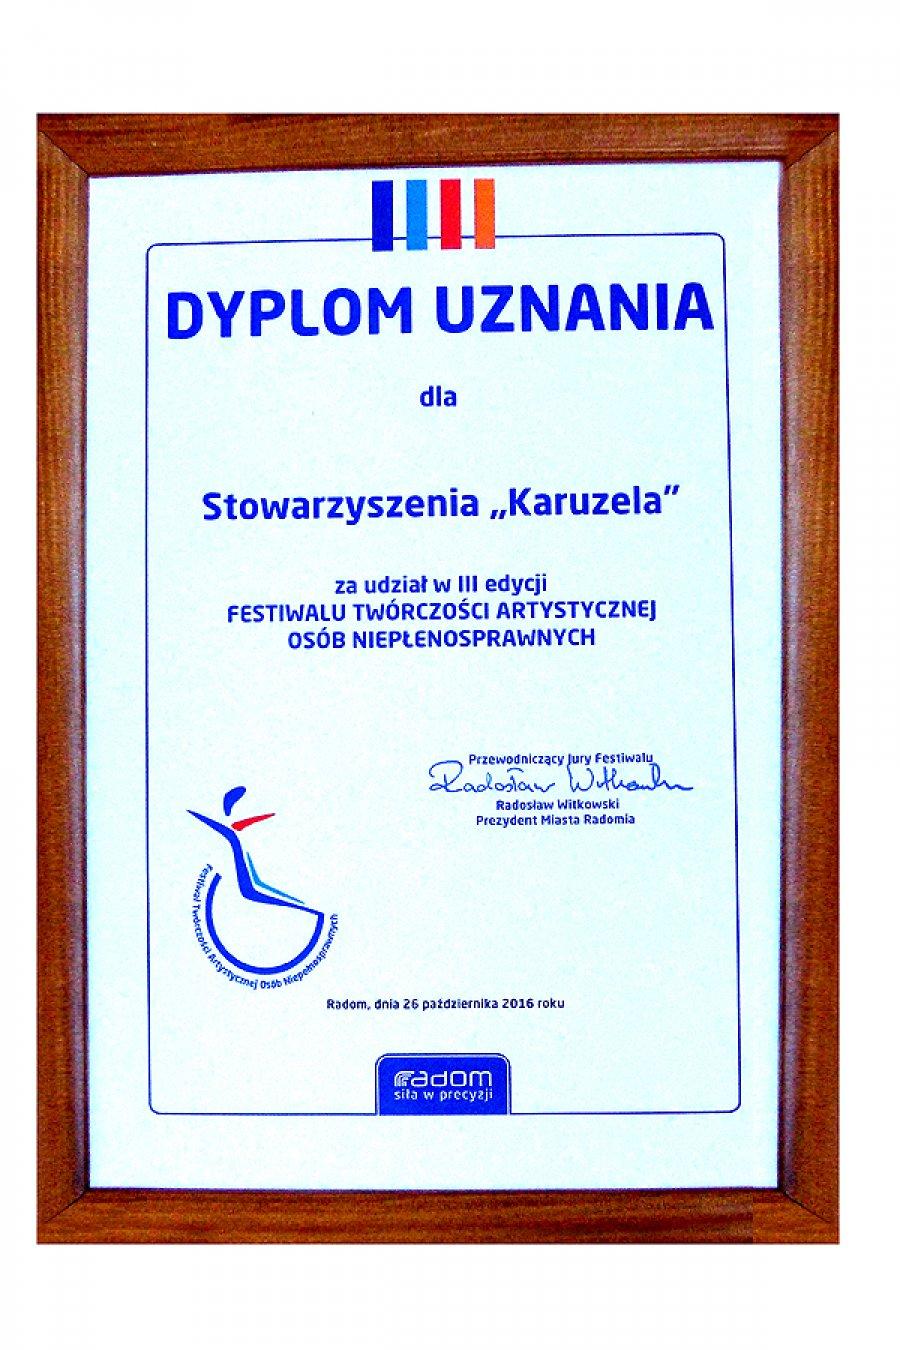 2016 Dyplom Uznania otrzymany podczas Festiwalu Twórczości Osób Niepełnosprawnych